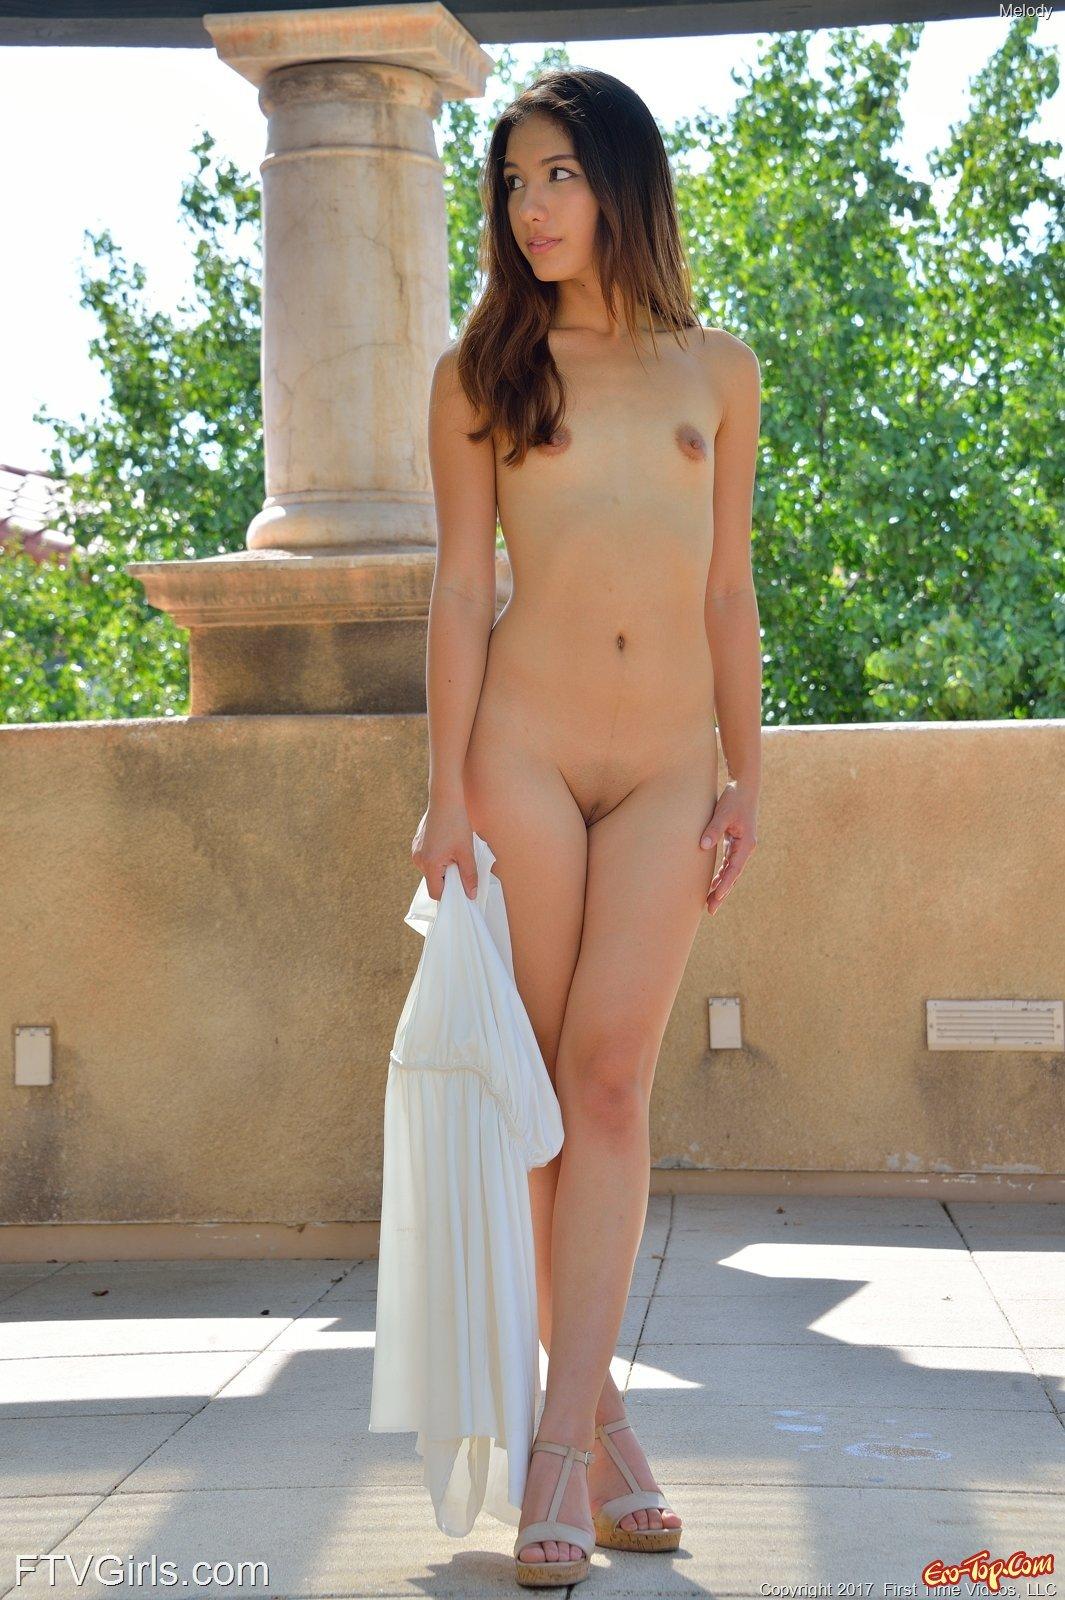 Девушка гуляет в платье без трусиков